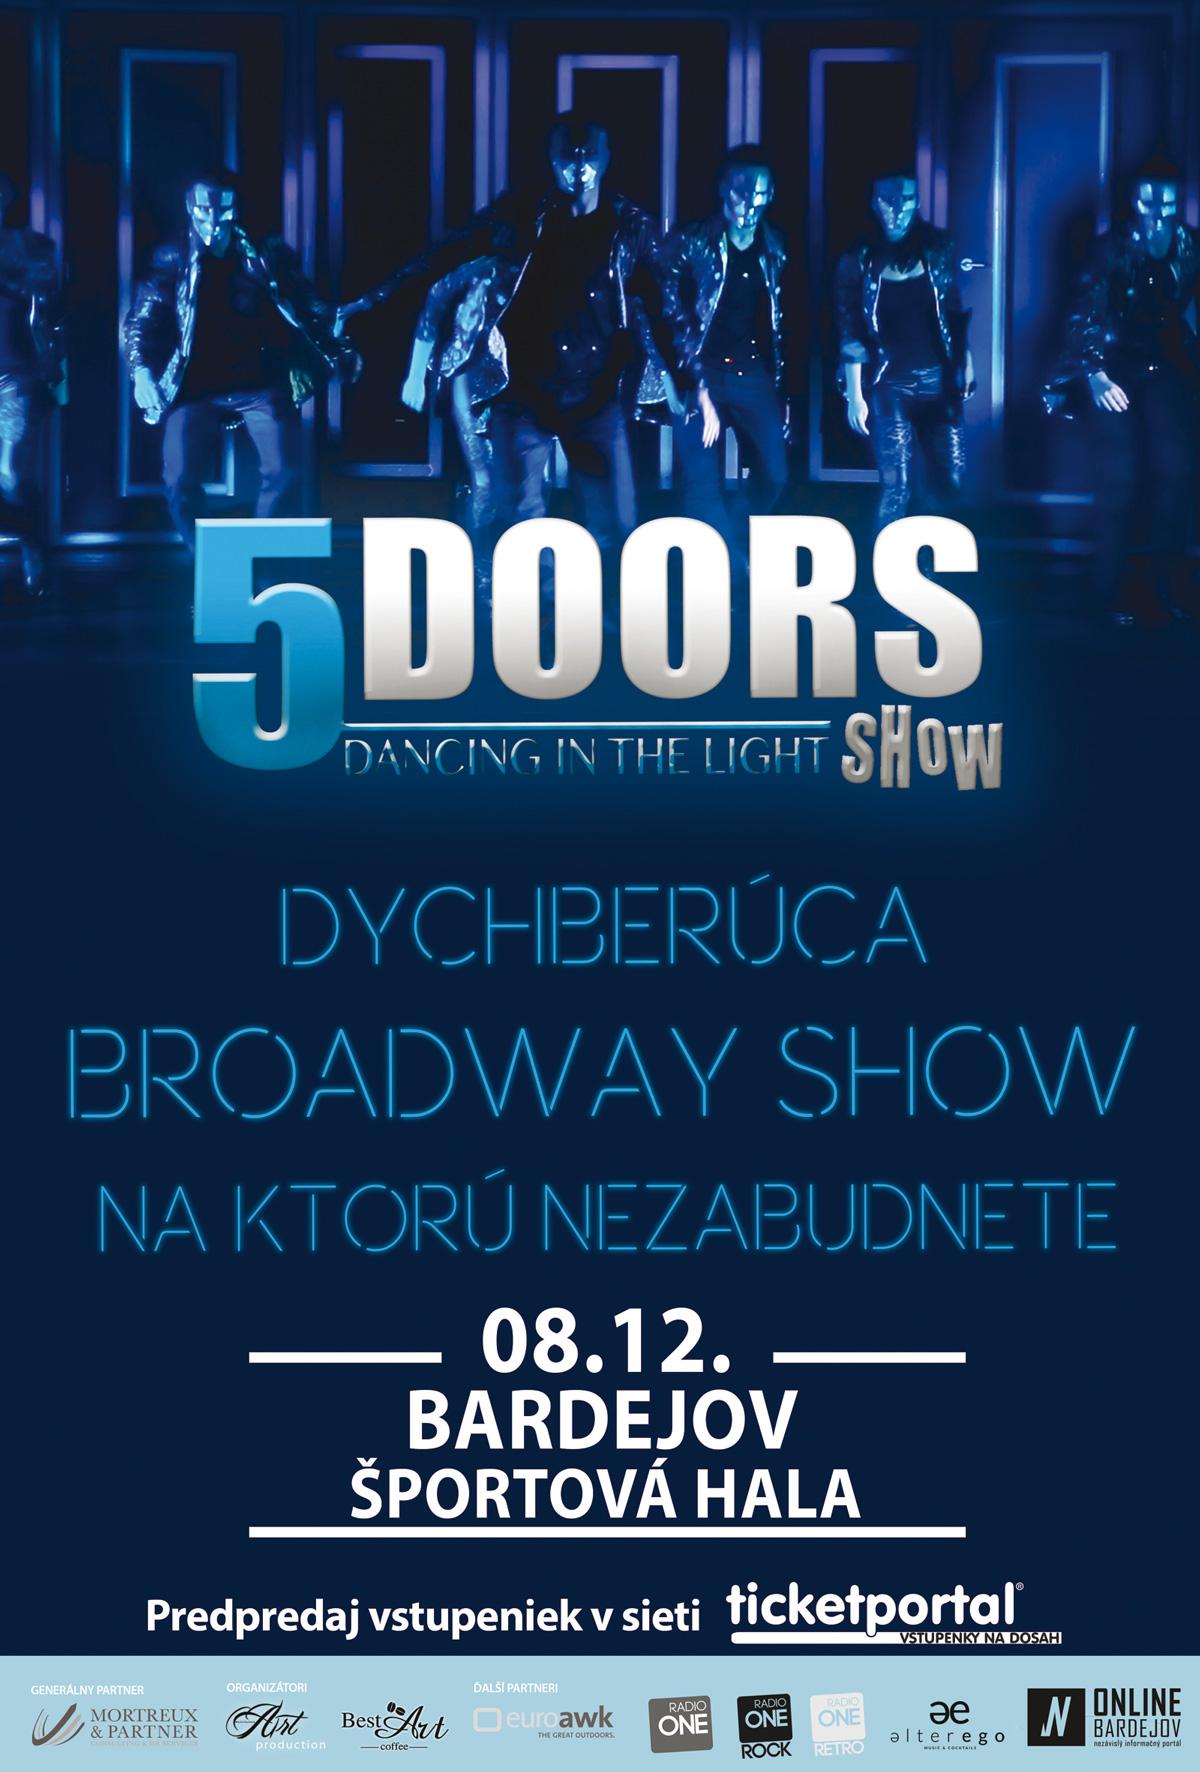 Päť dverí, jedna nezabudnuteľná show!